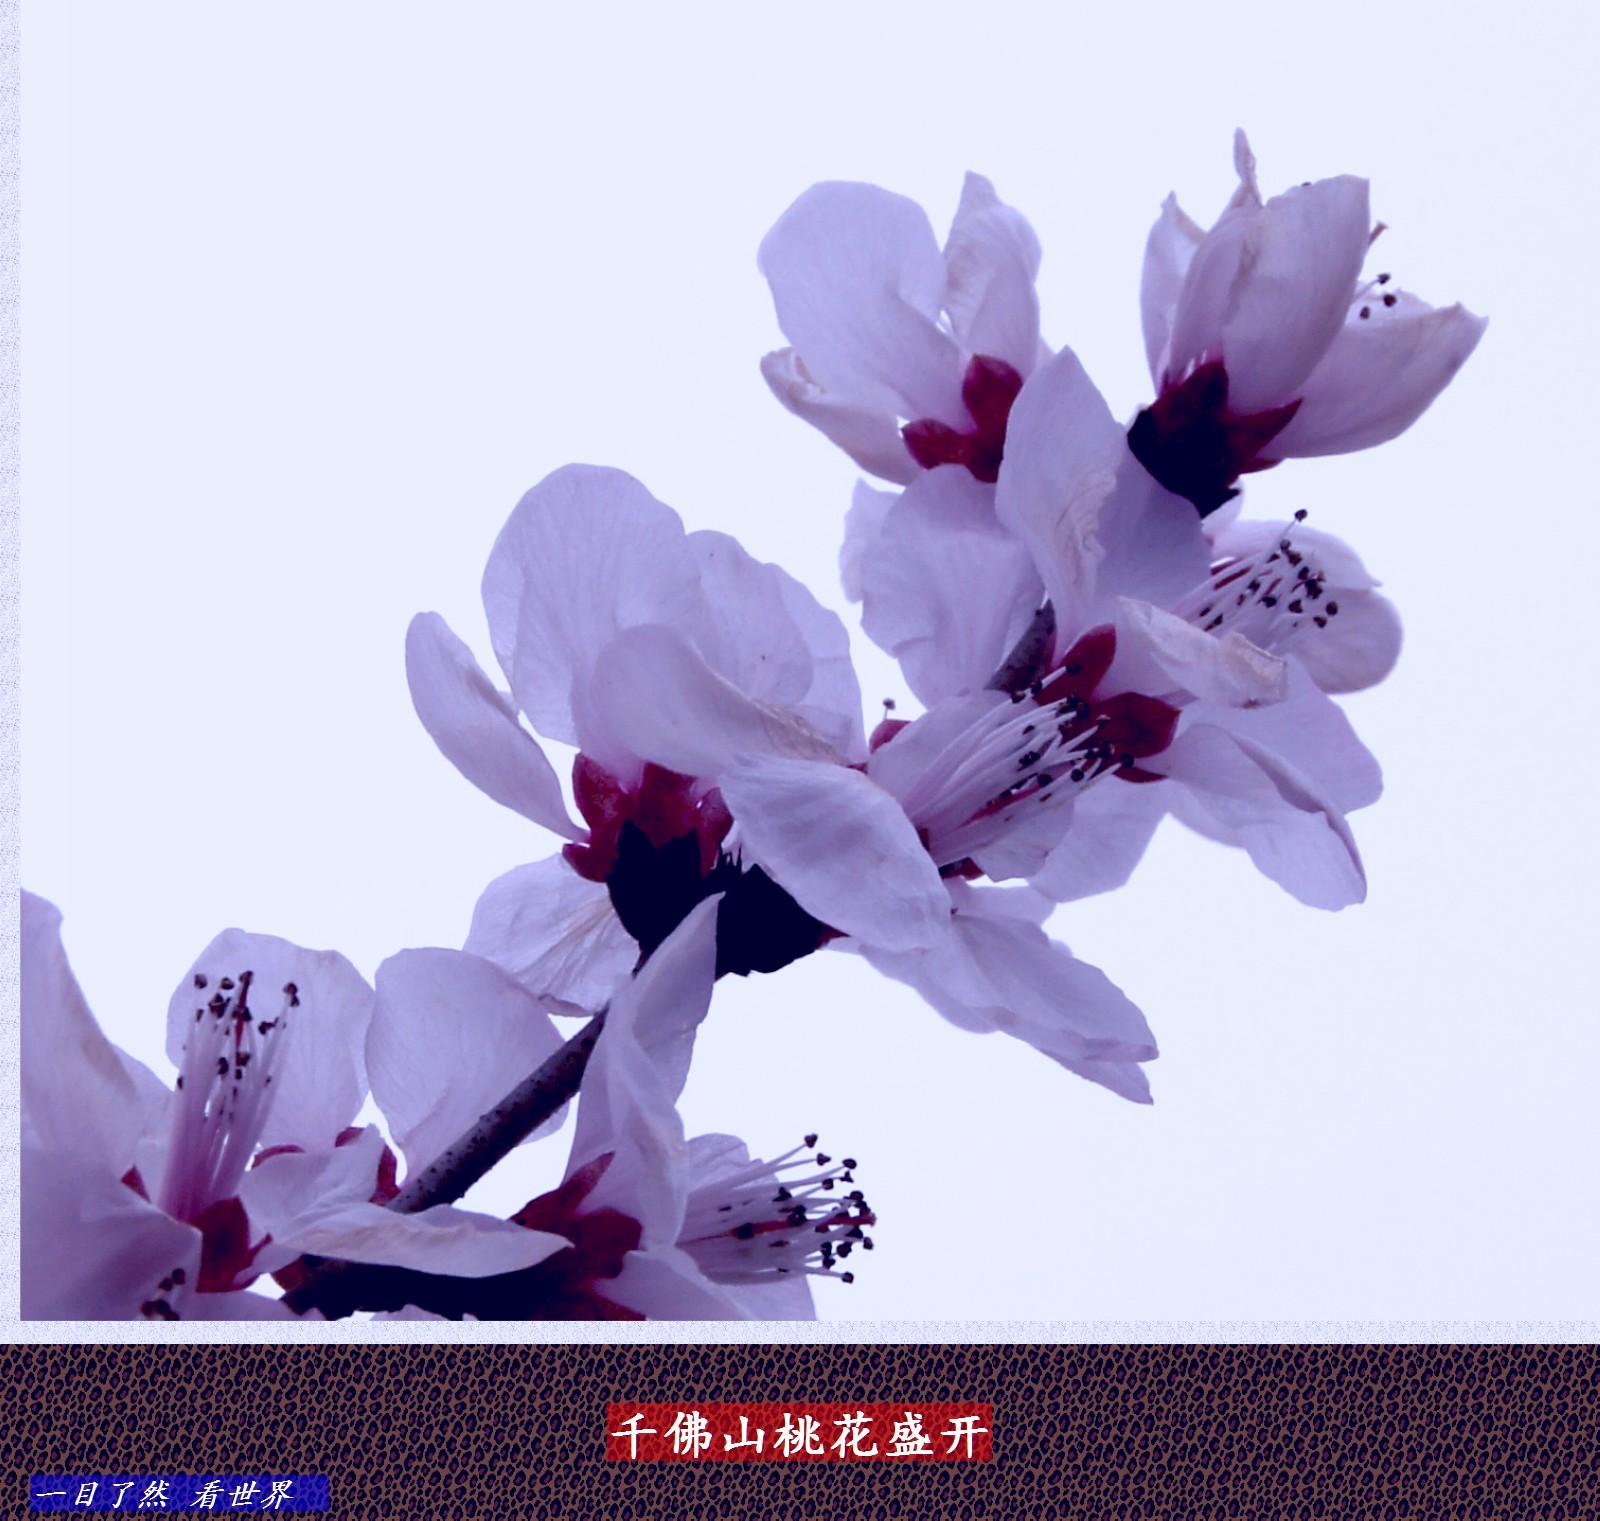 千佛山迎春花-桃花盛开-21-1600.jpg